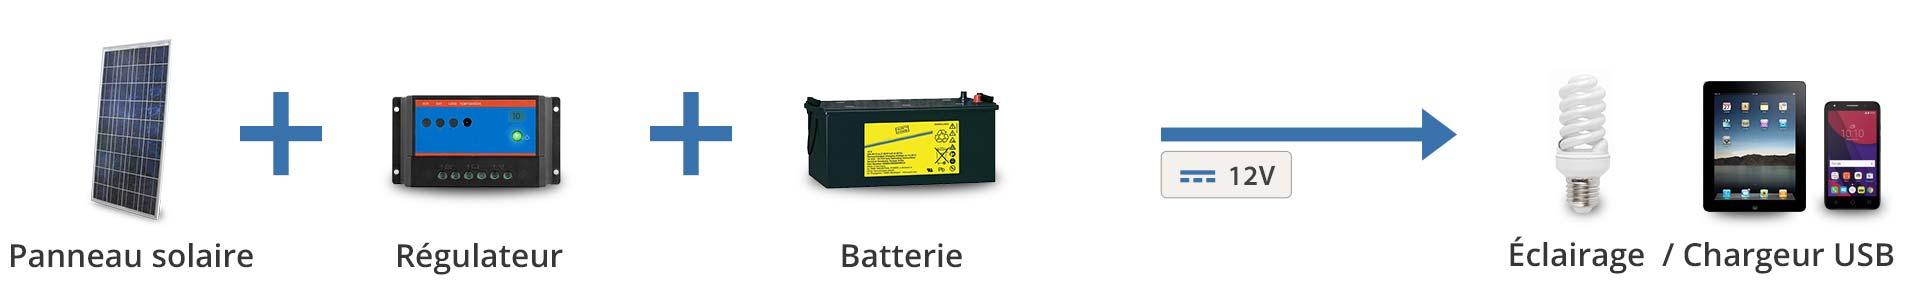 Principe de fonctionnement Kit solaire 12V pour éclairage et chargeur USB